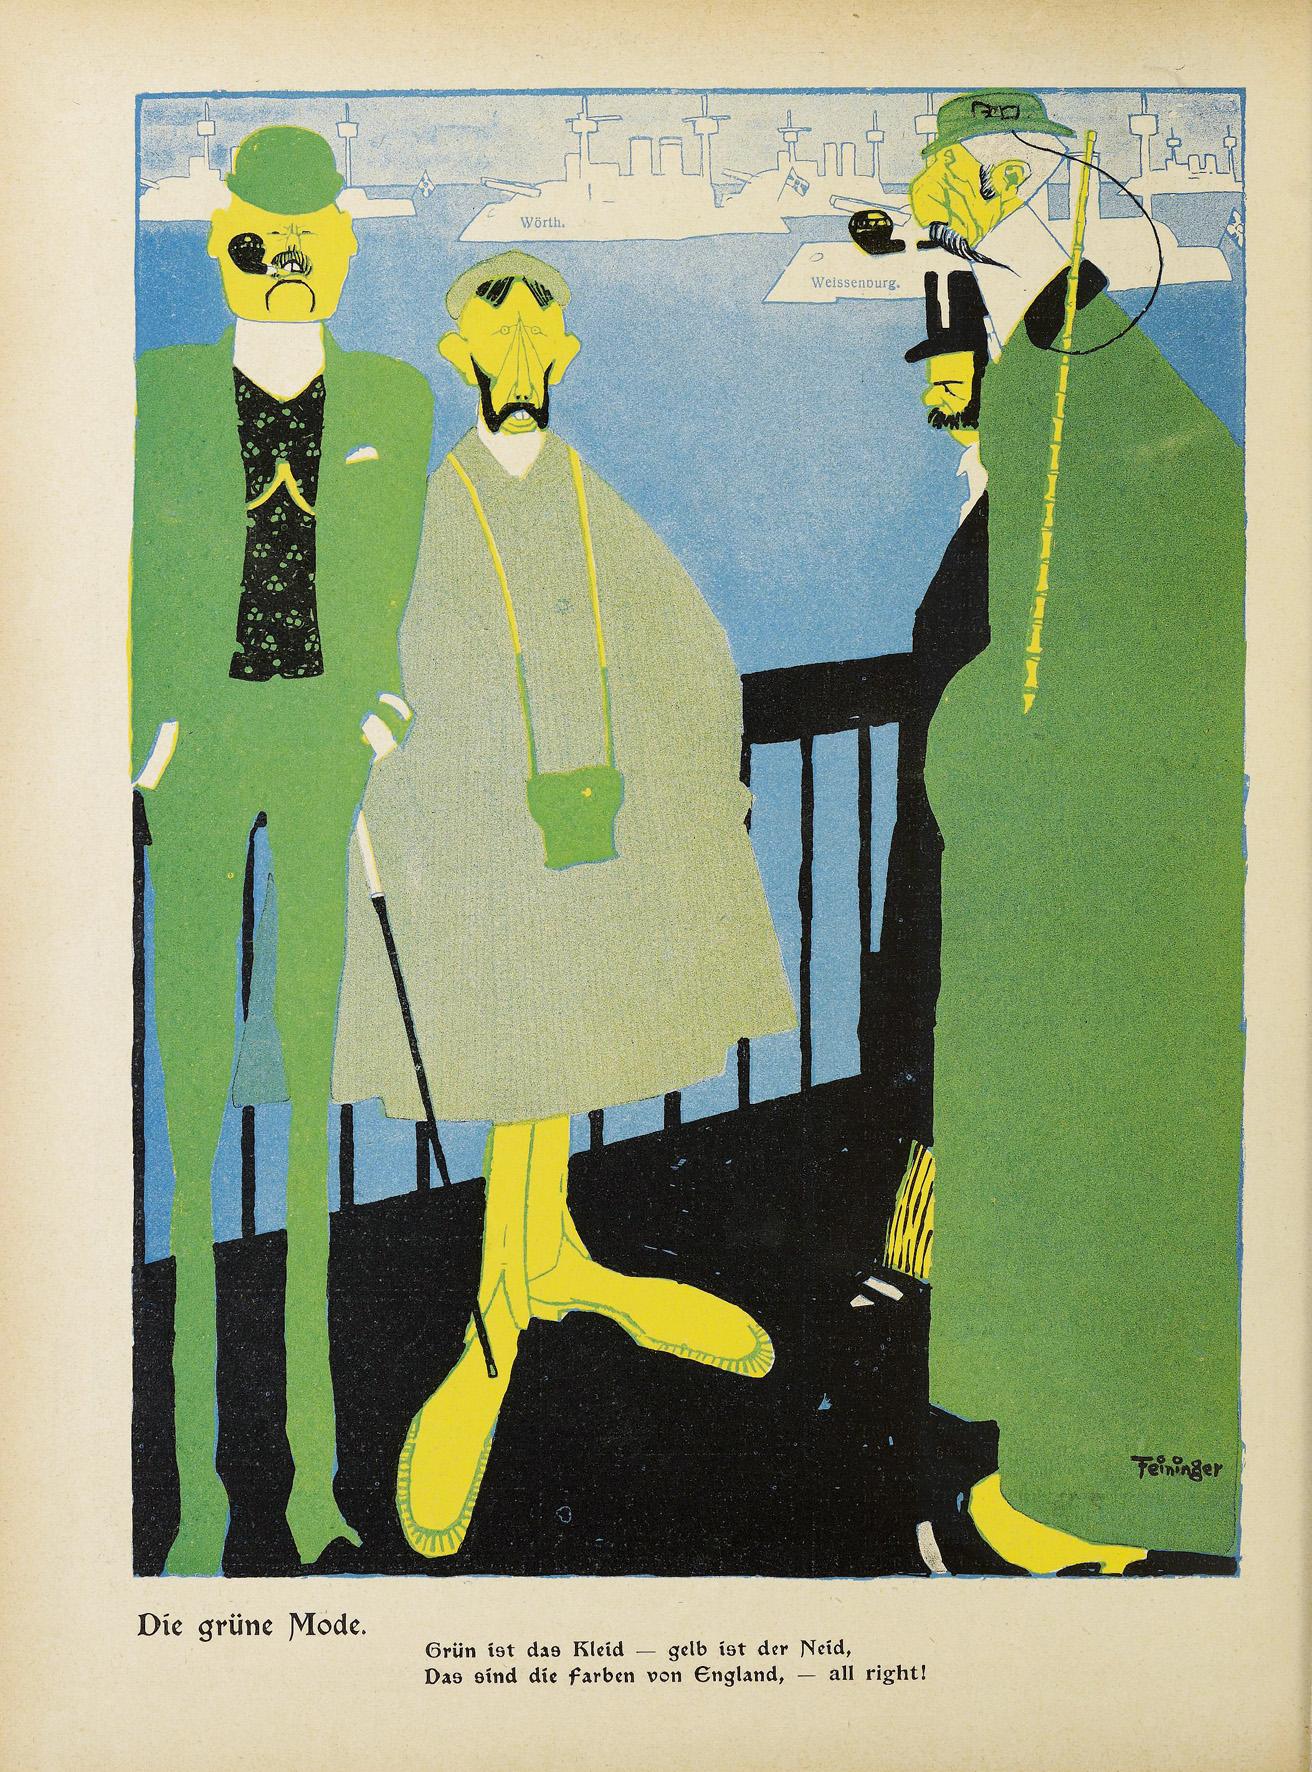 Lyonel Feininger, Die grüne Mode, 1905, Zeitungsdruck, 31 x 24 cm, in: Lustige Blätter, XX. Jg., 1905, Nr. 20, S. 12, Sammlung Roland März © VG Bildkunst Bonn